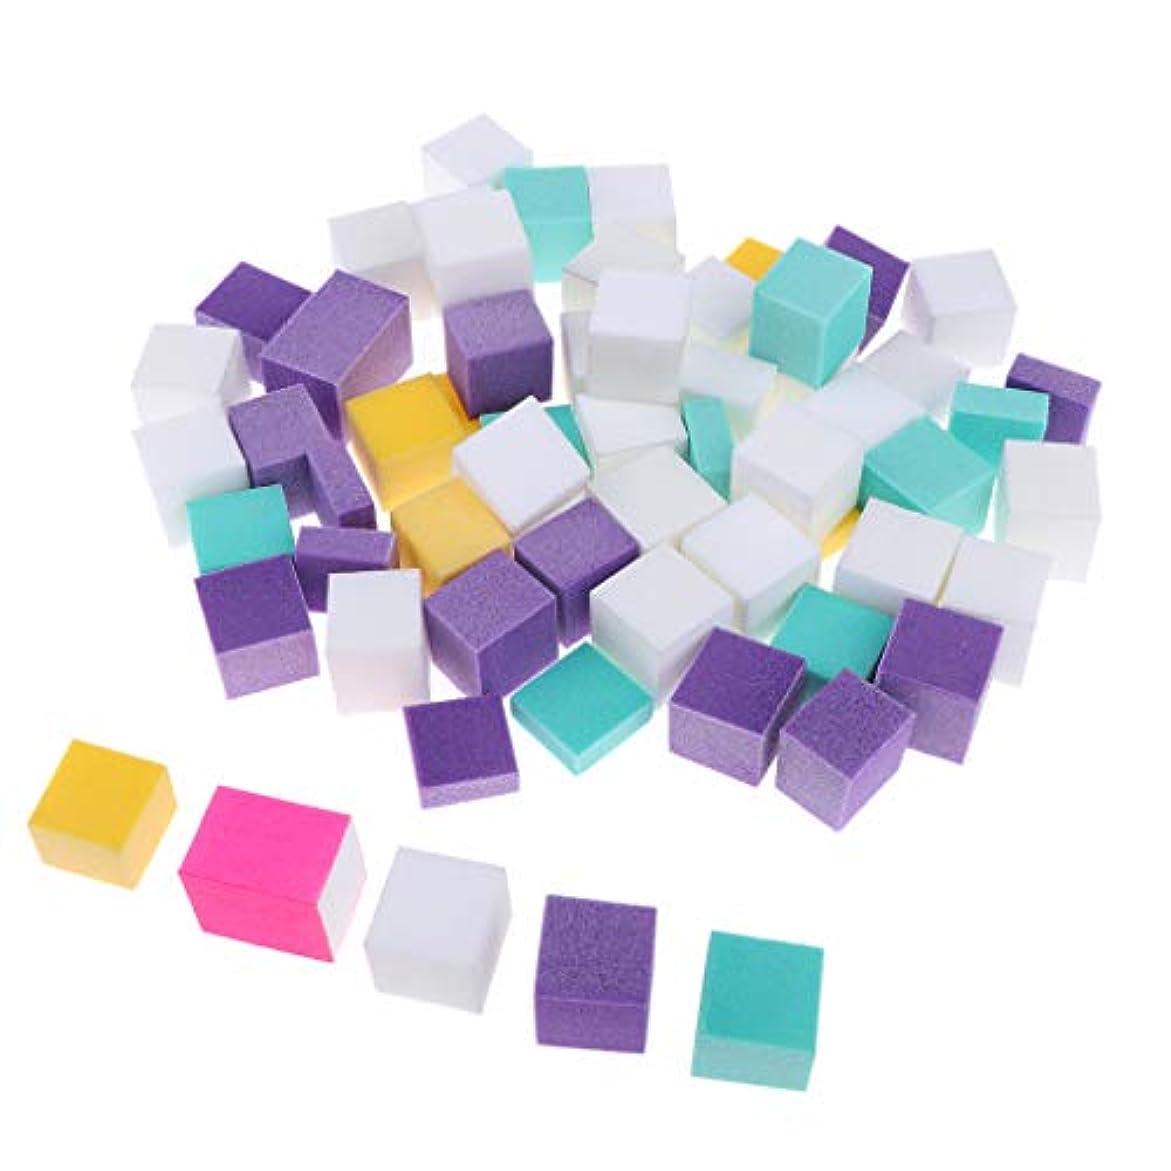 伸ばす作ります深めるPerfeclan ネイルファイル スポンジ マニキュアバフ 正方形 ポリッシュ 多色 ジェルネイル用 約60個セット